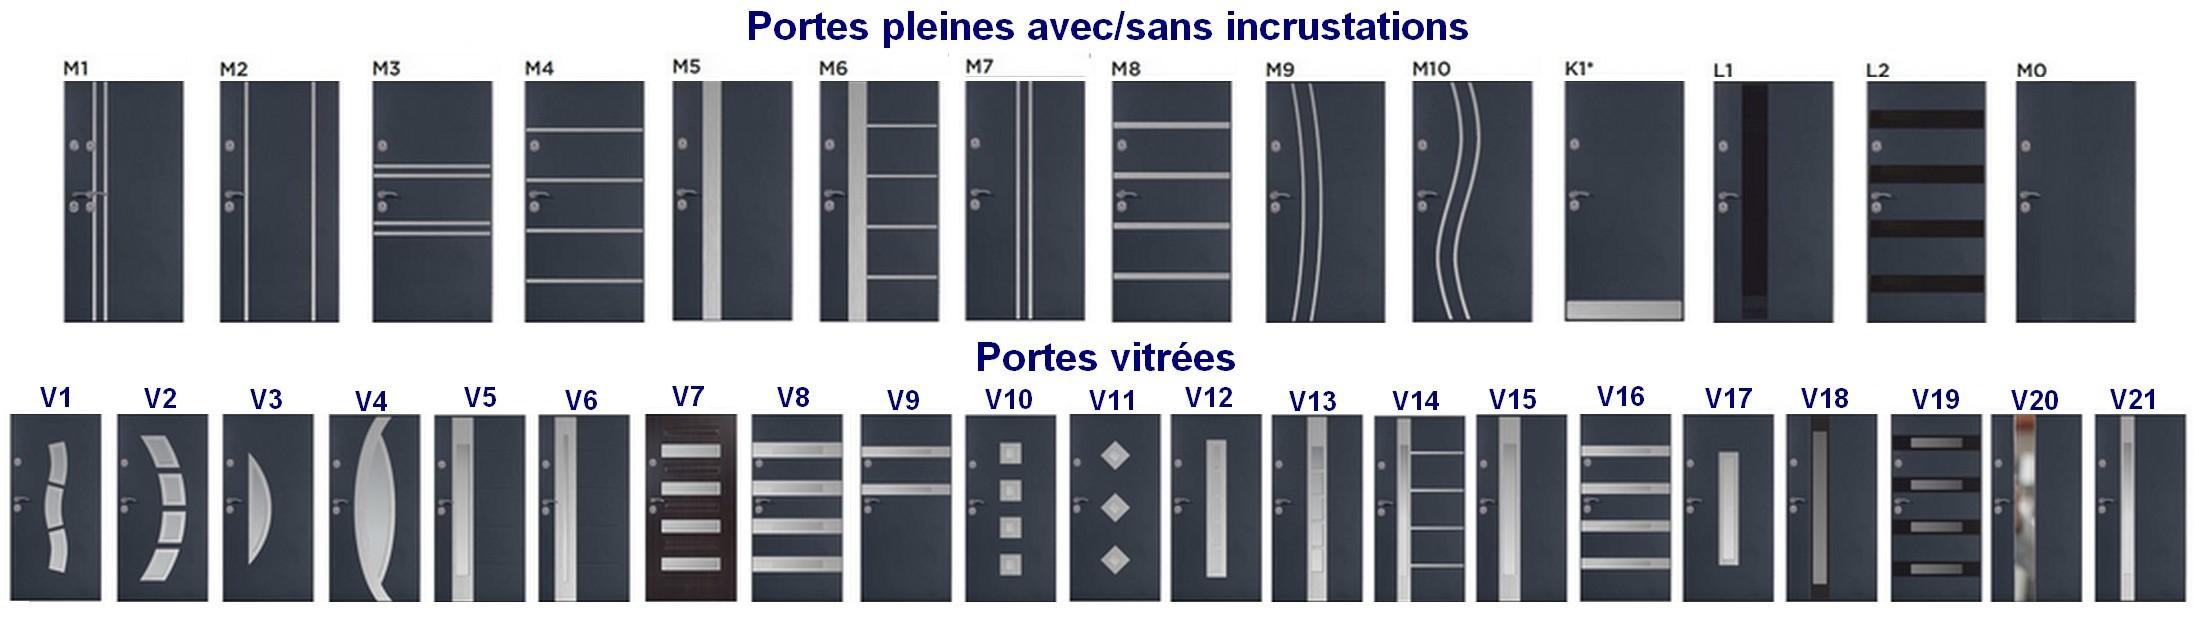 PORTES PERFORMANTES CHOIX VITRAGES DT